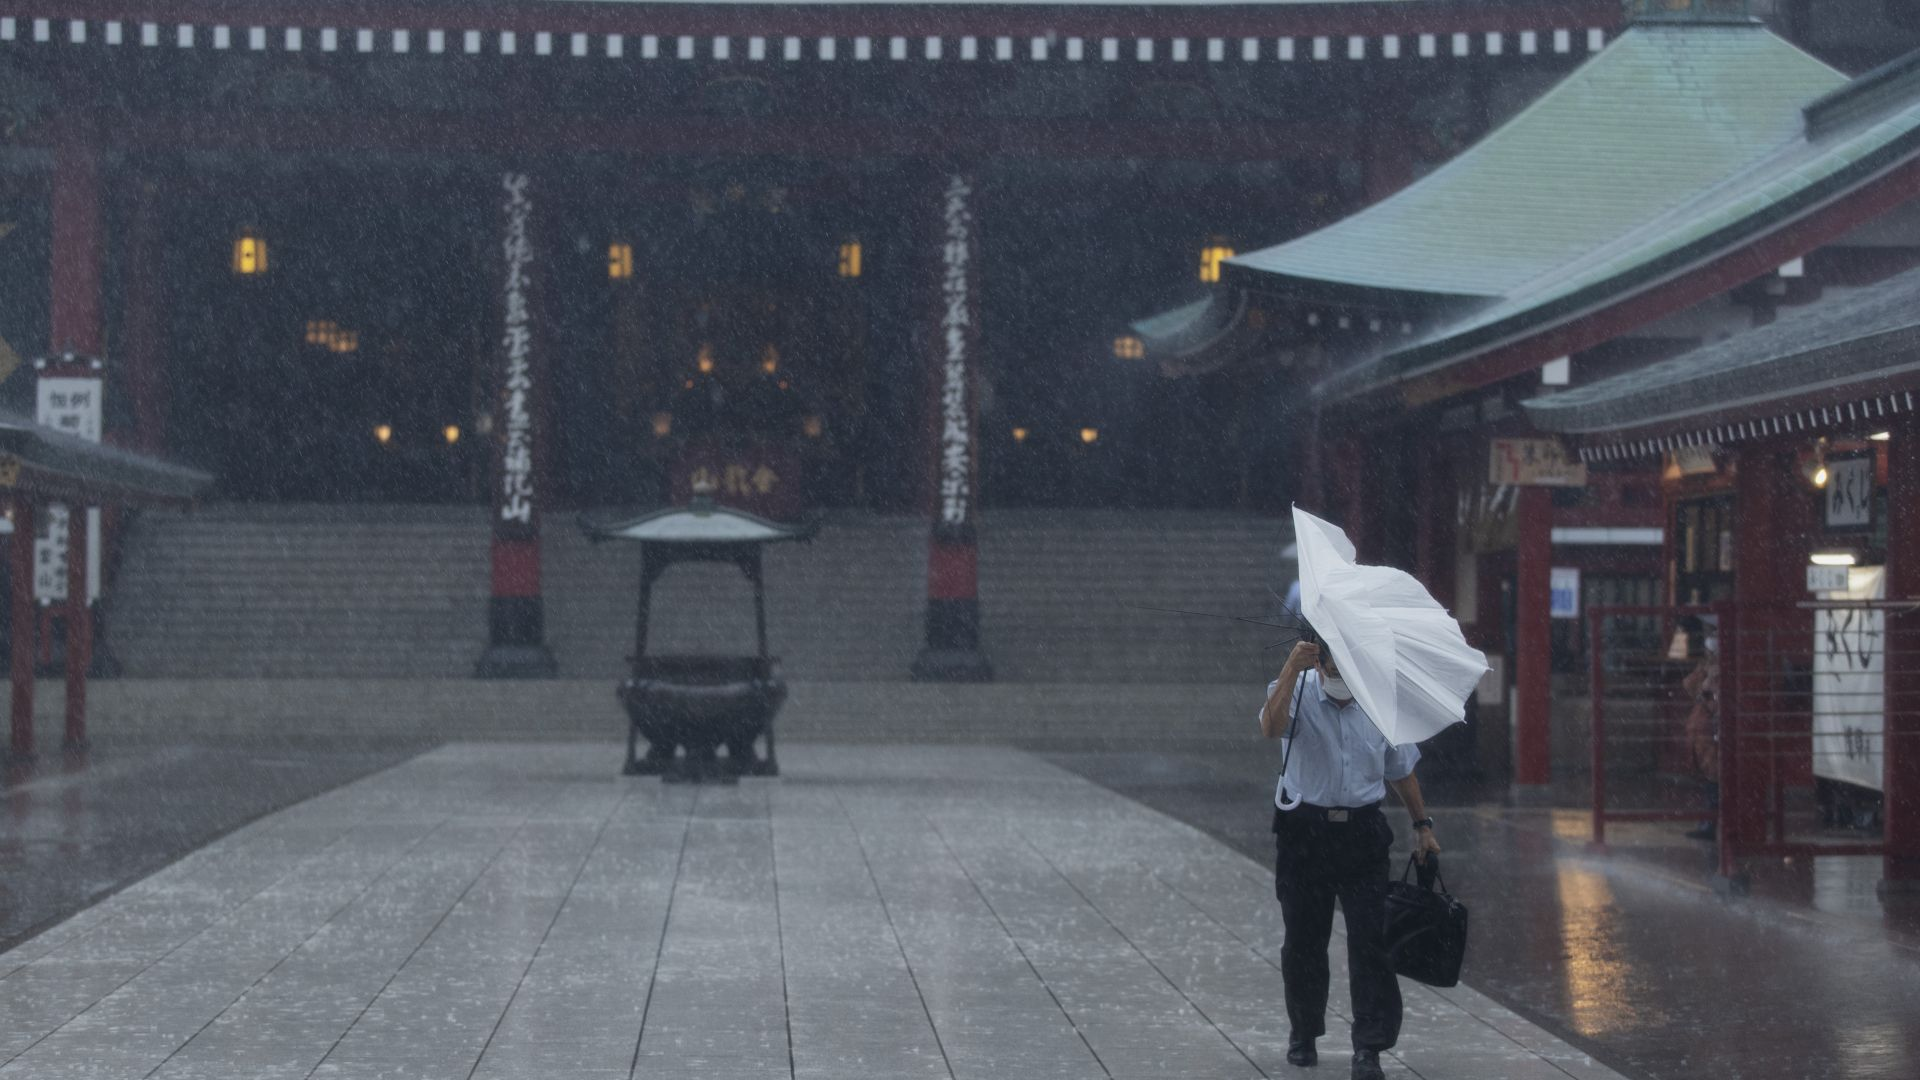 Мощен тайфун връхлетя Токио, отменени са полети и пътувания с влак (снимки/видео)